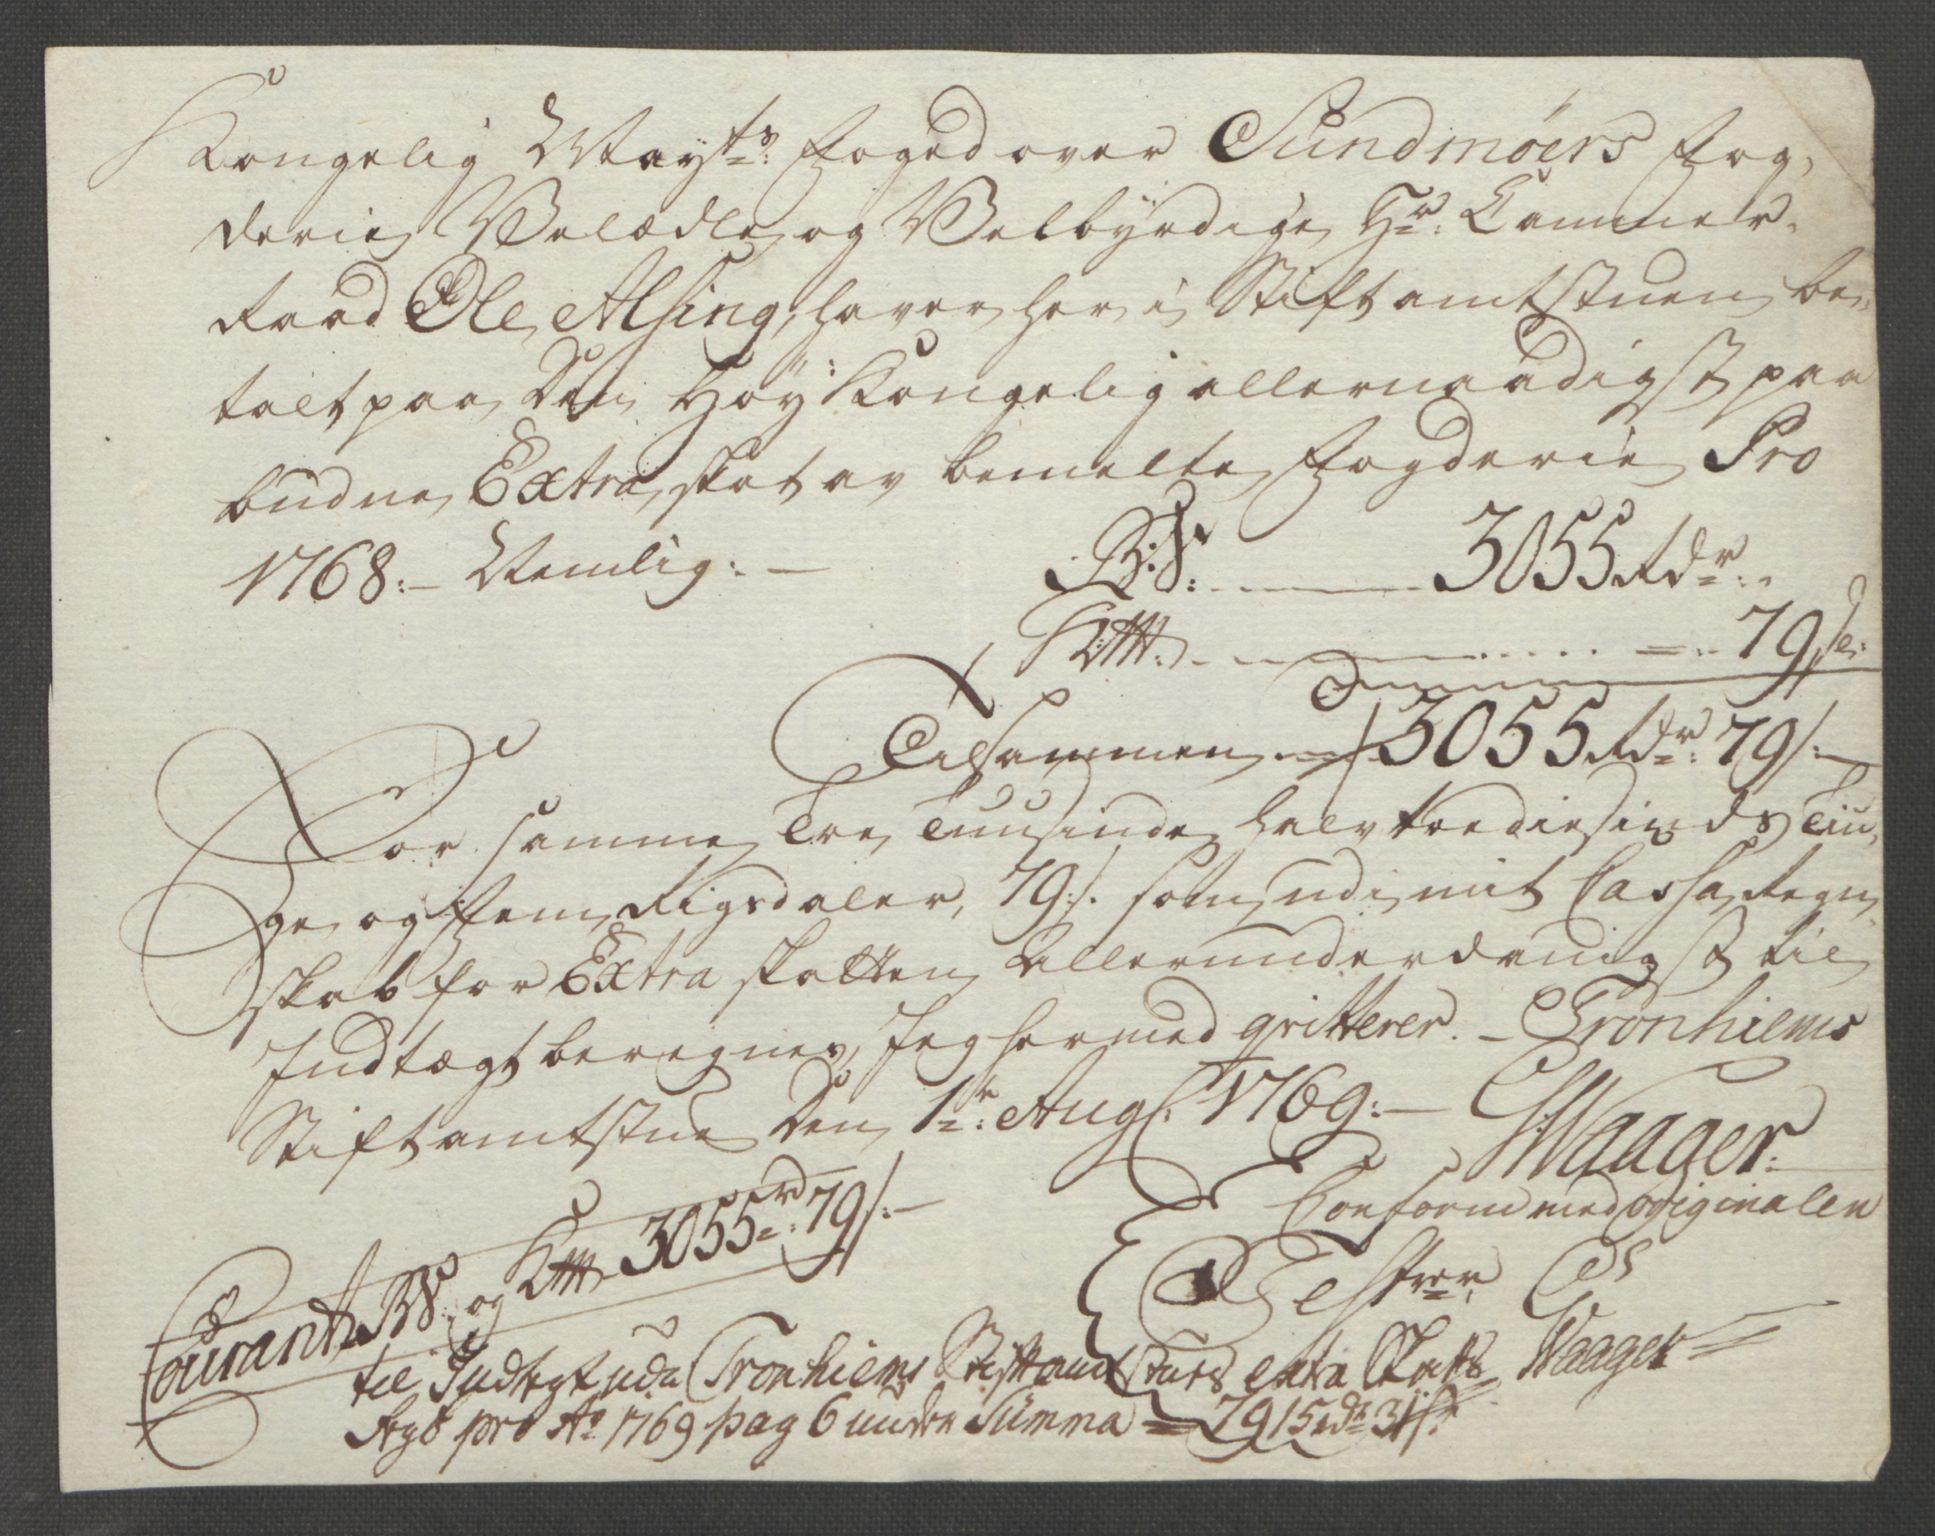 RA, Rentekammeret inntil 1814, Reviderte regnskaper, Fogderegnskap, R54/L3645: Ekstraskatten Sunnmøre, 1762-1772, s. 134